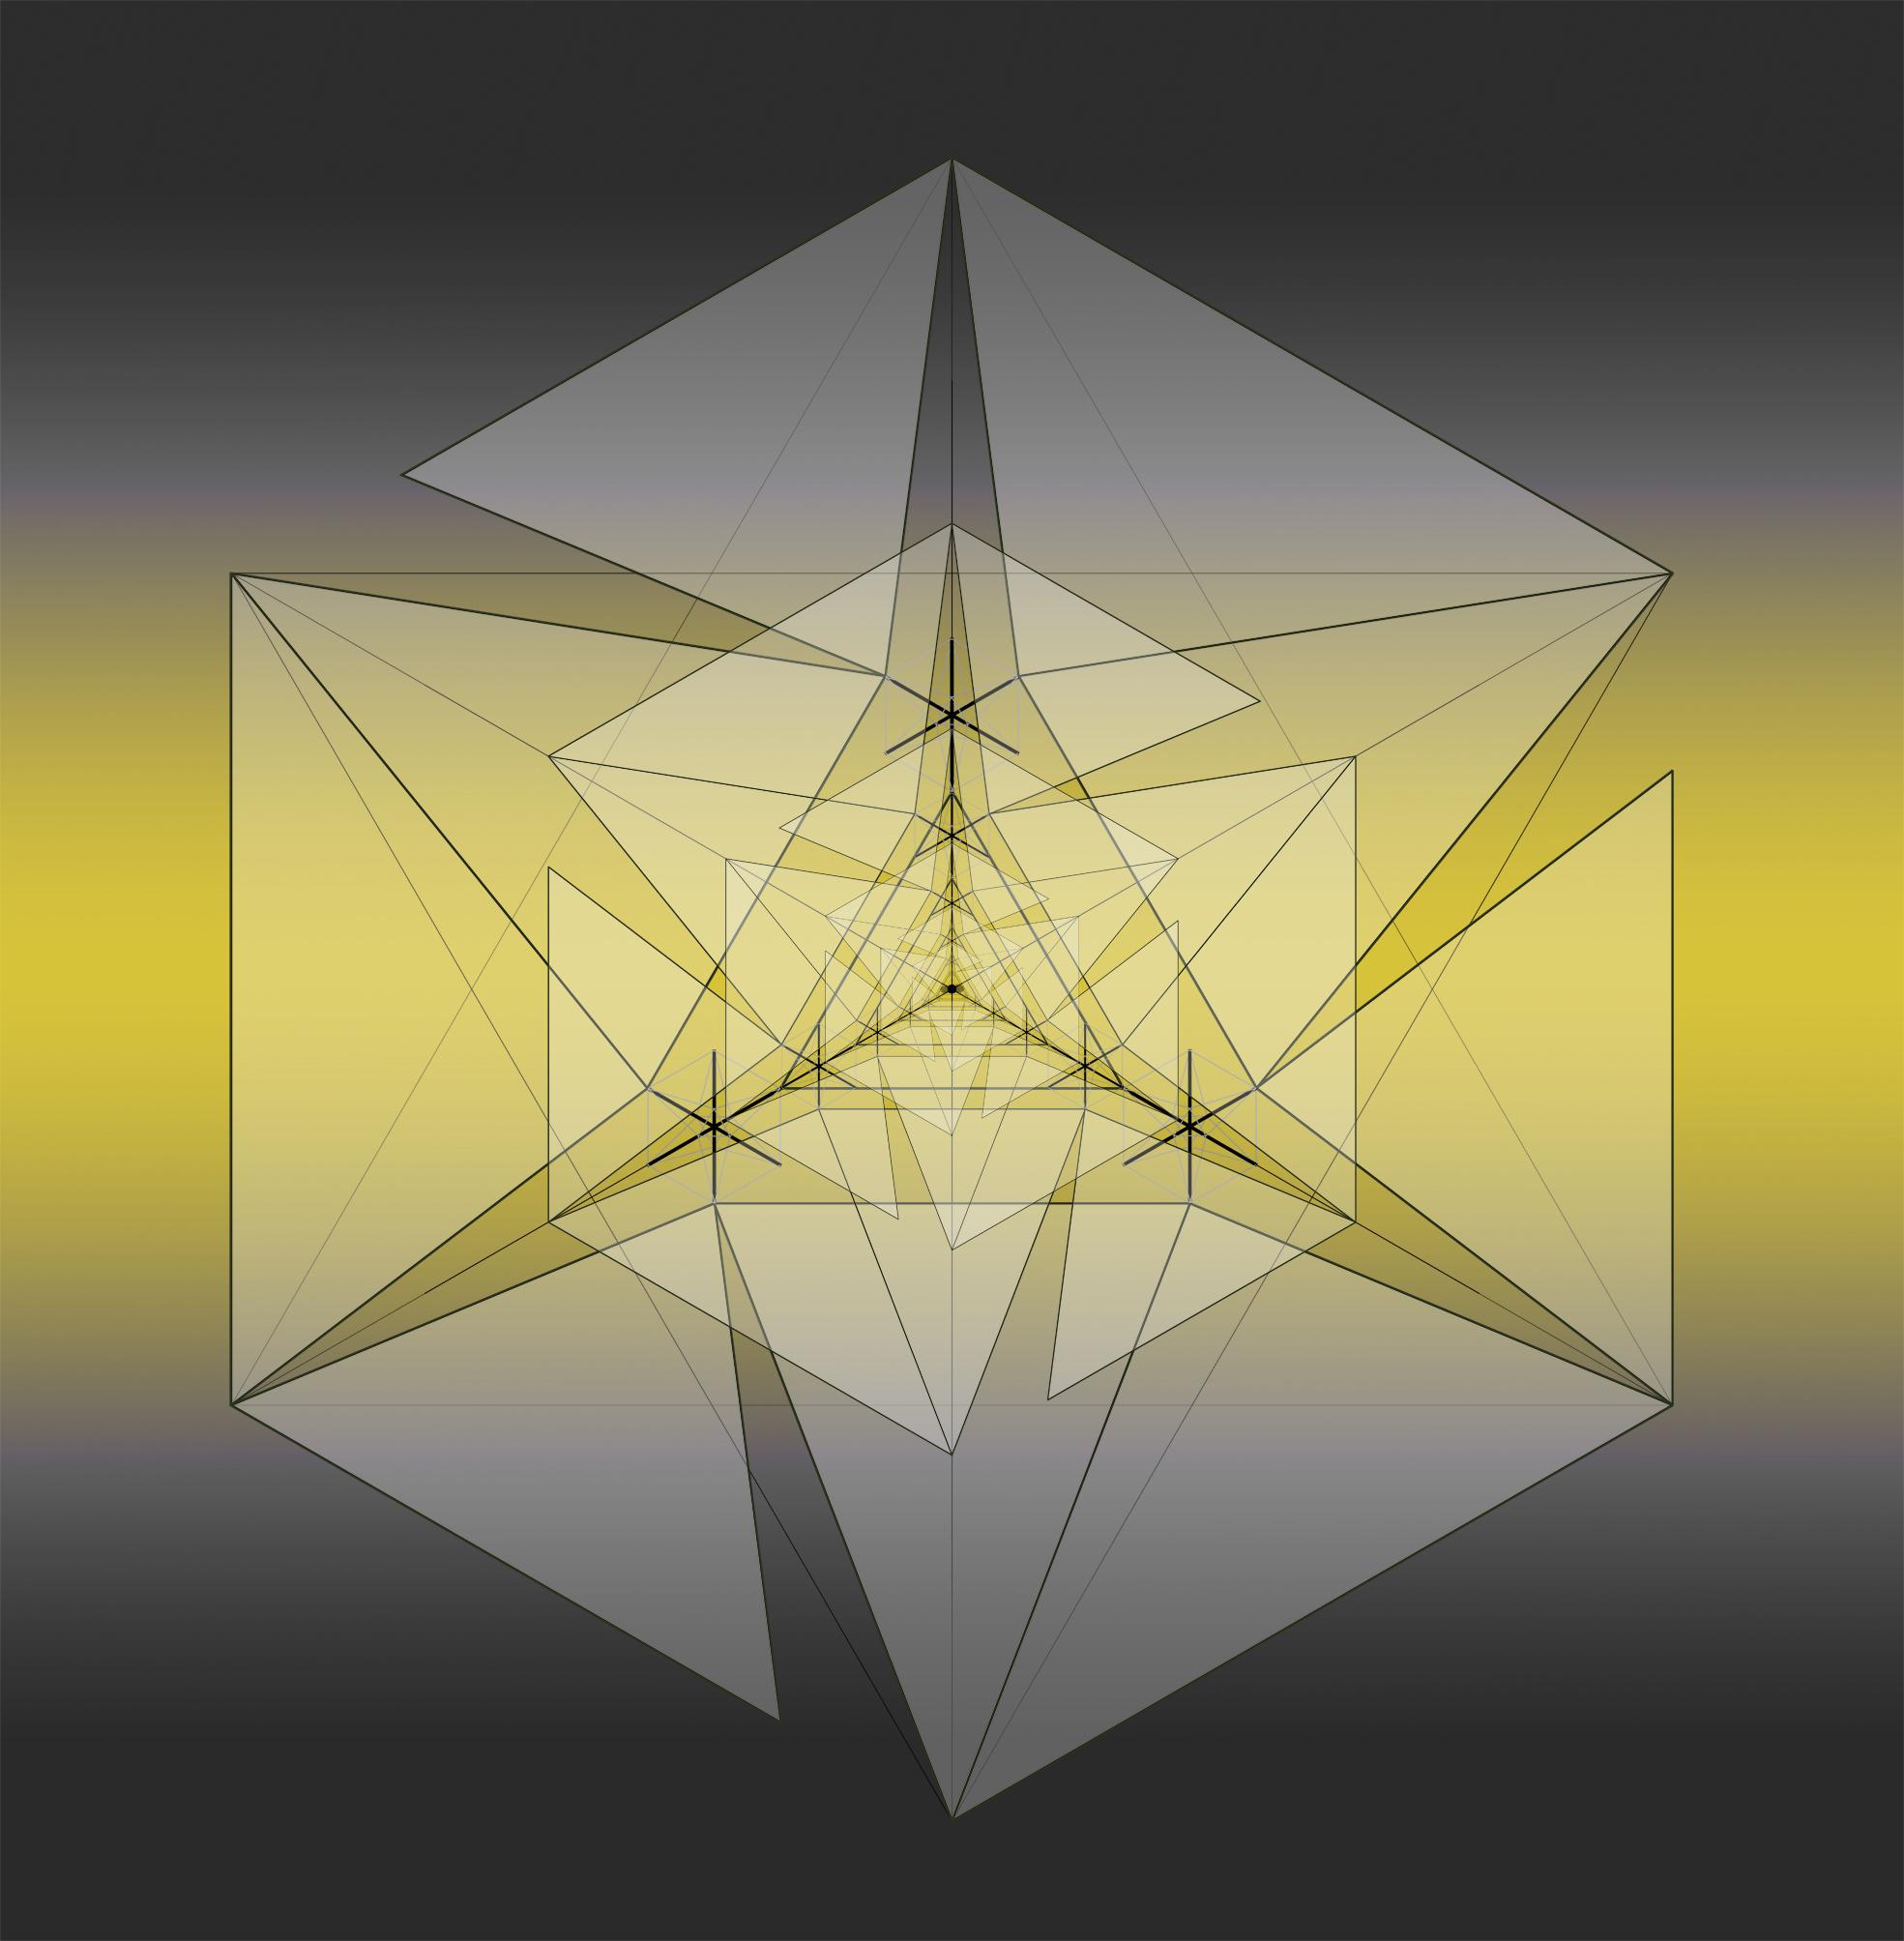 def tensegridad fractal.jpg